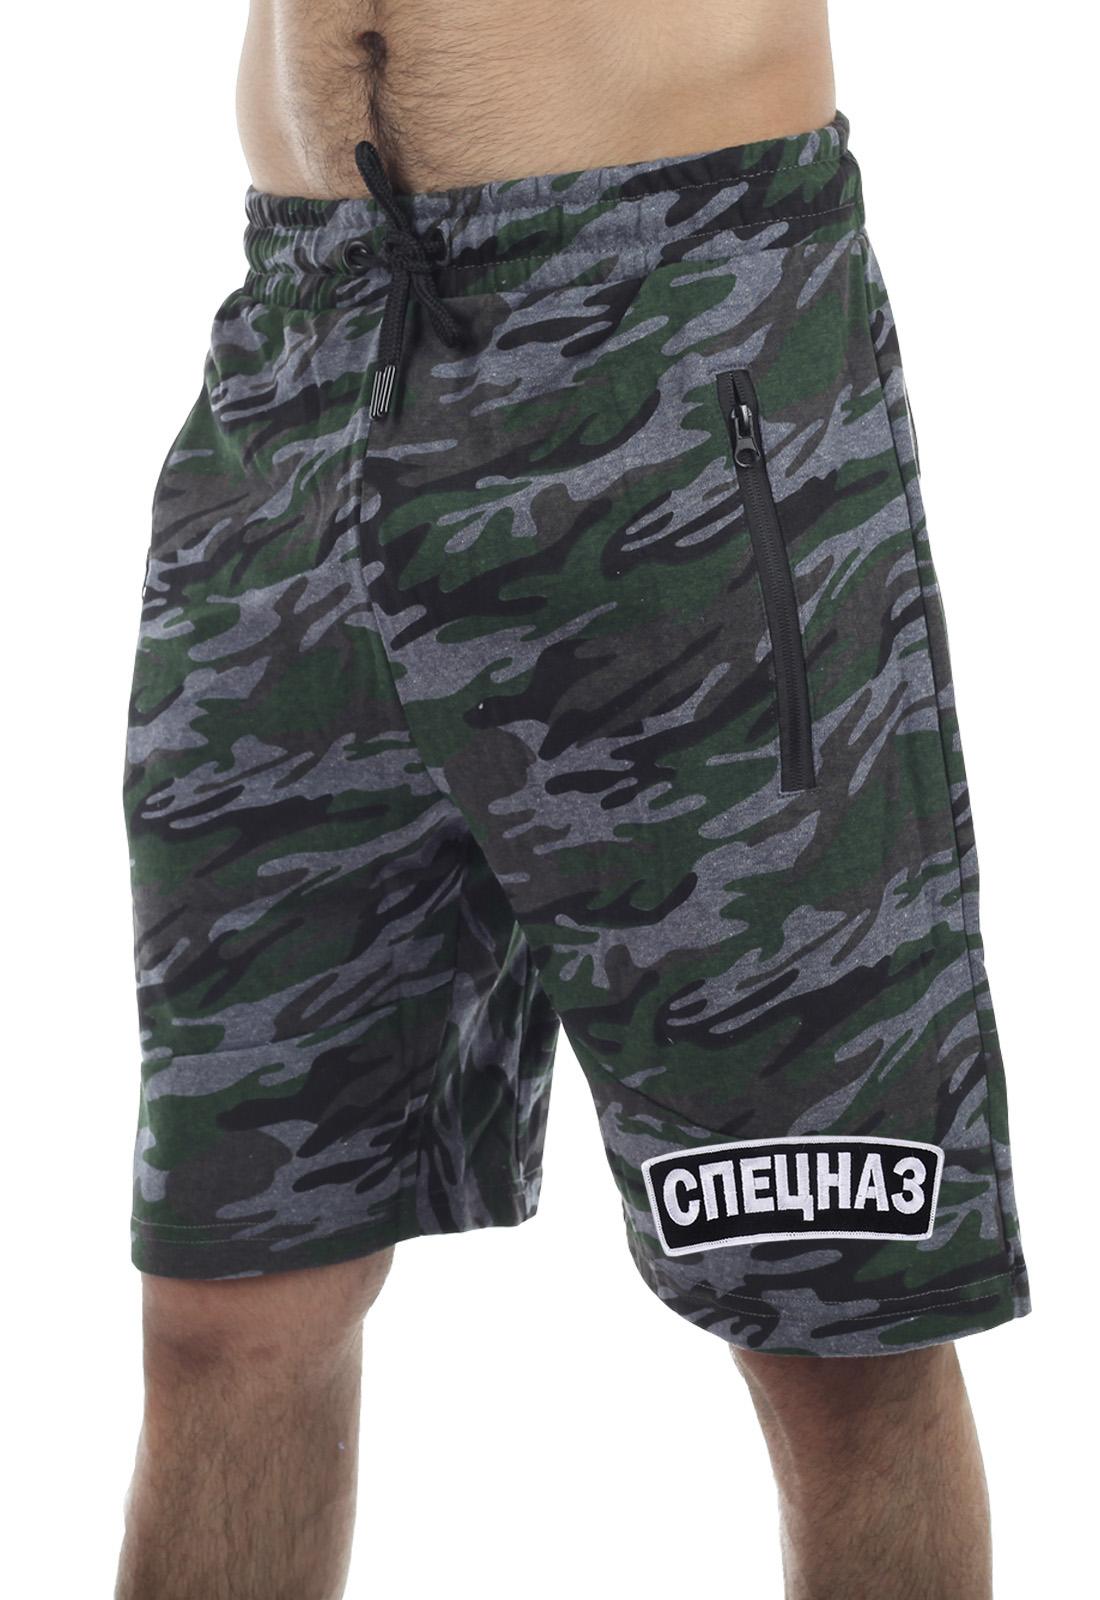 Купить в военторге камуфляжные шорты для Спецназа